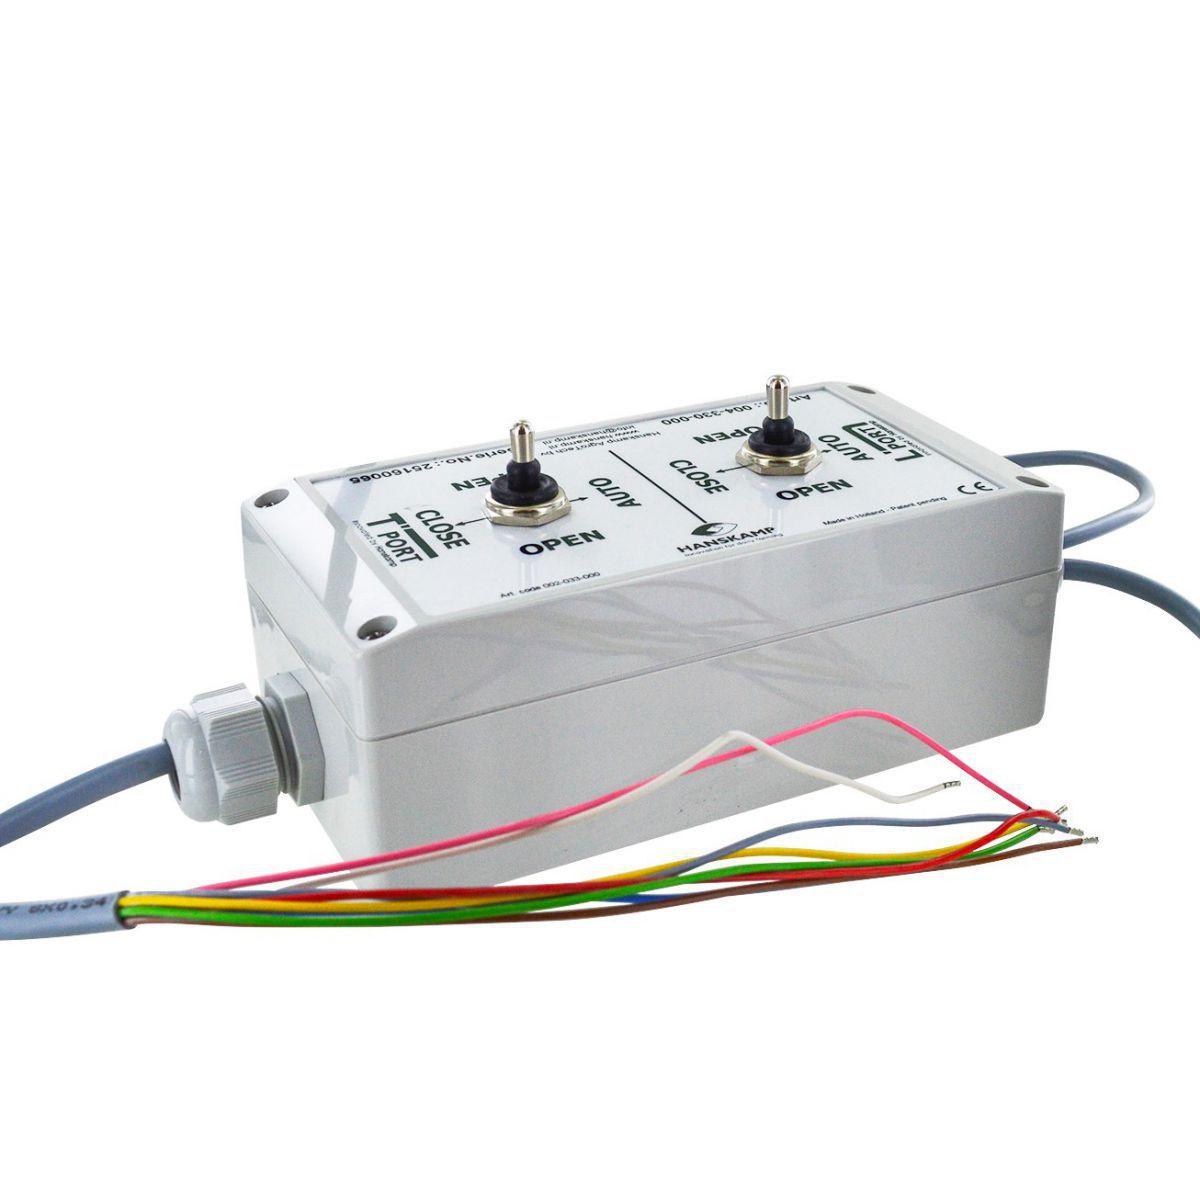 steuerung tport vorne spider mit doppel kabelverschraubung mit 2x 3positionsschalter